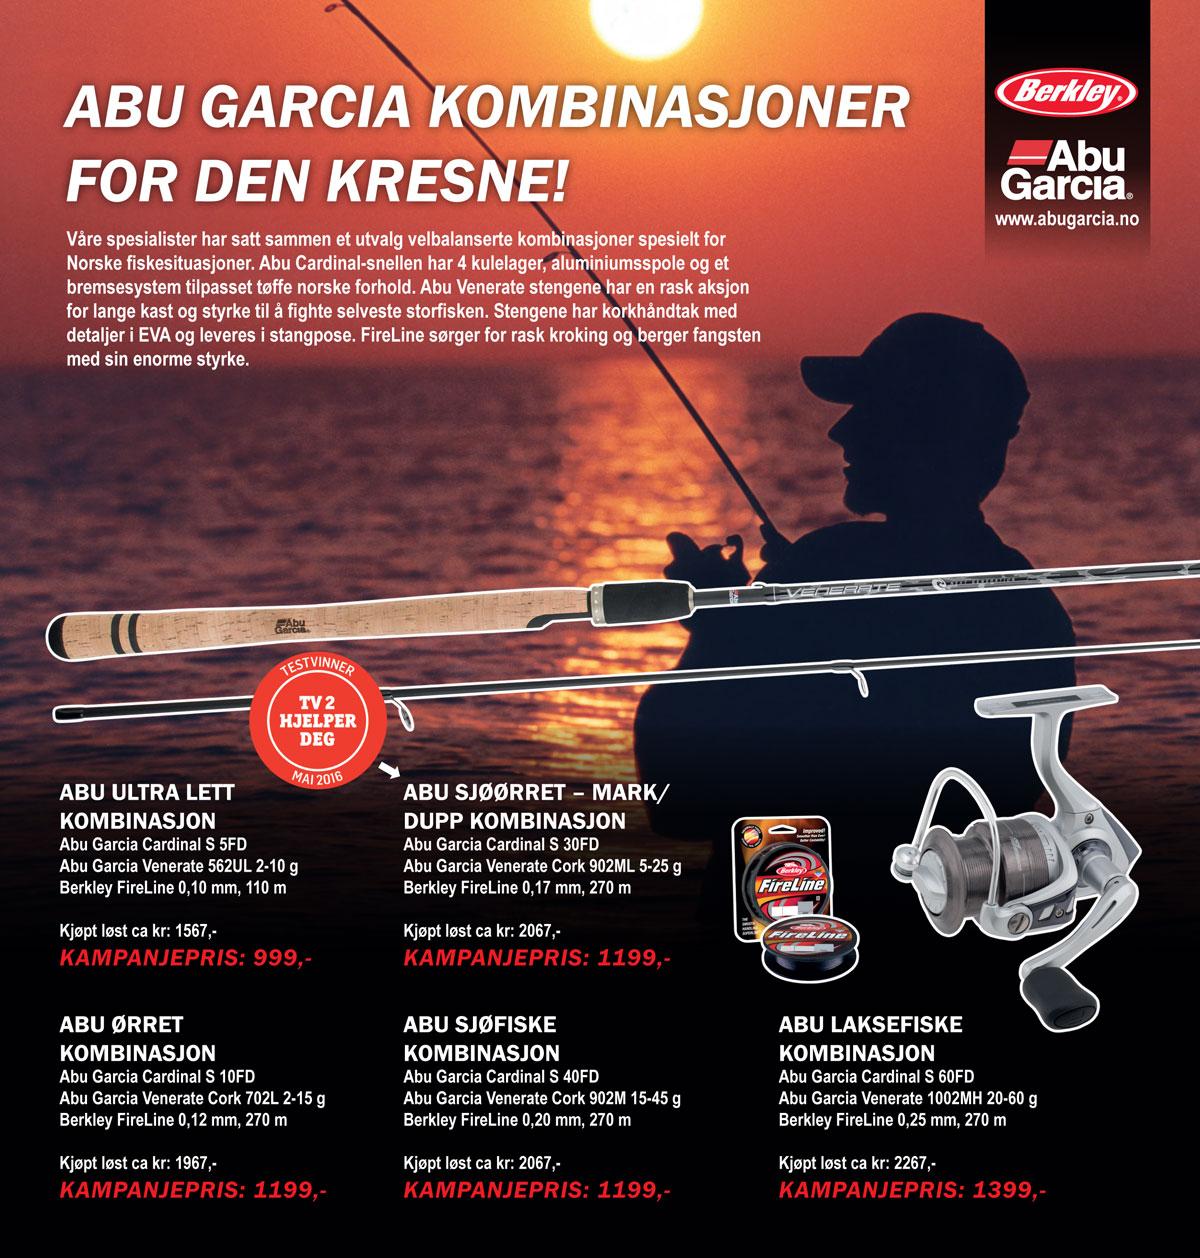 Abu-Garcia-kombinasjoner-for-den-kresne-Fiskesett-Fiskestang-Fiskesnelle-Testvinner-TV-Hjelper-deg (1)